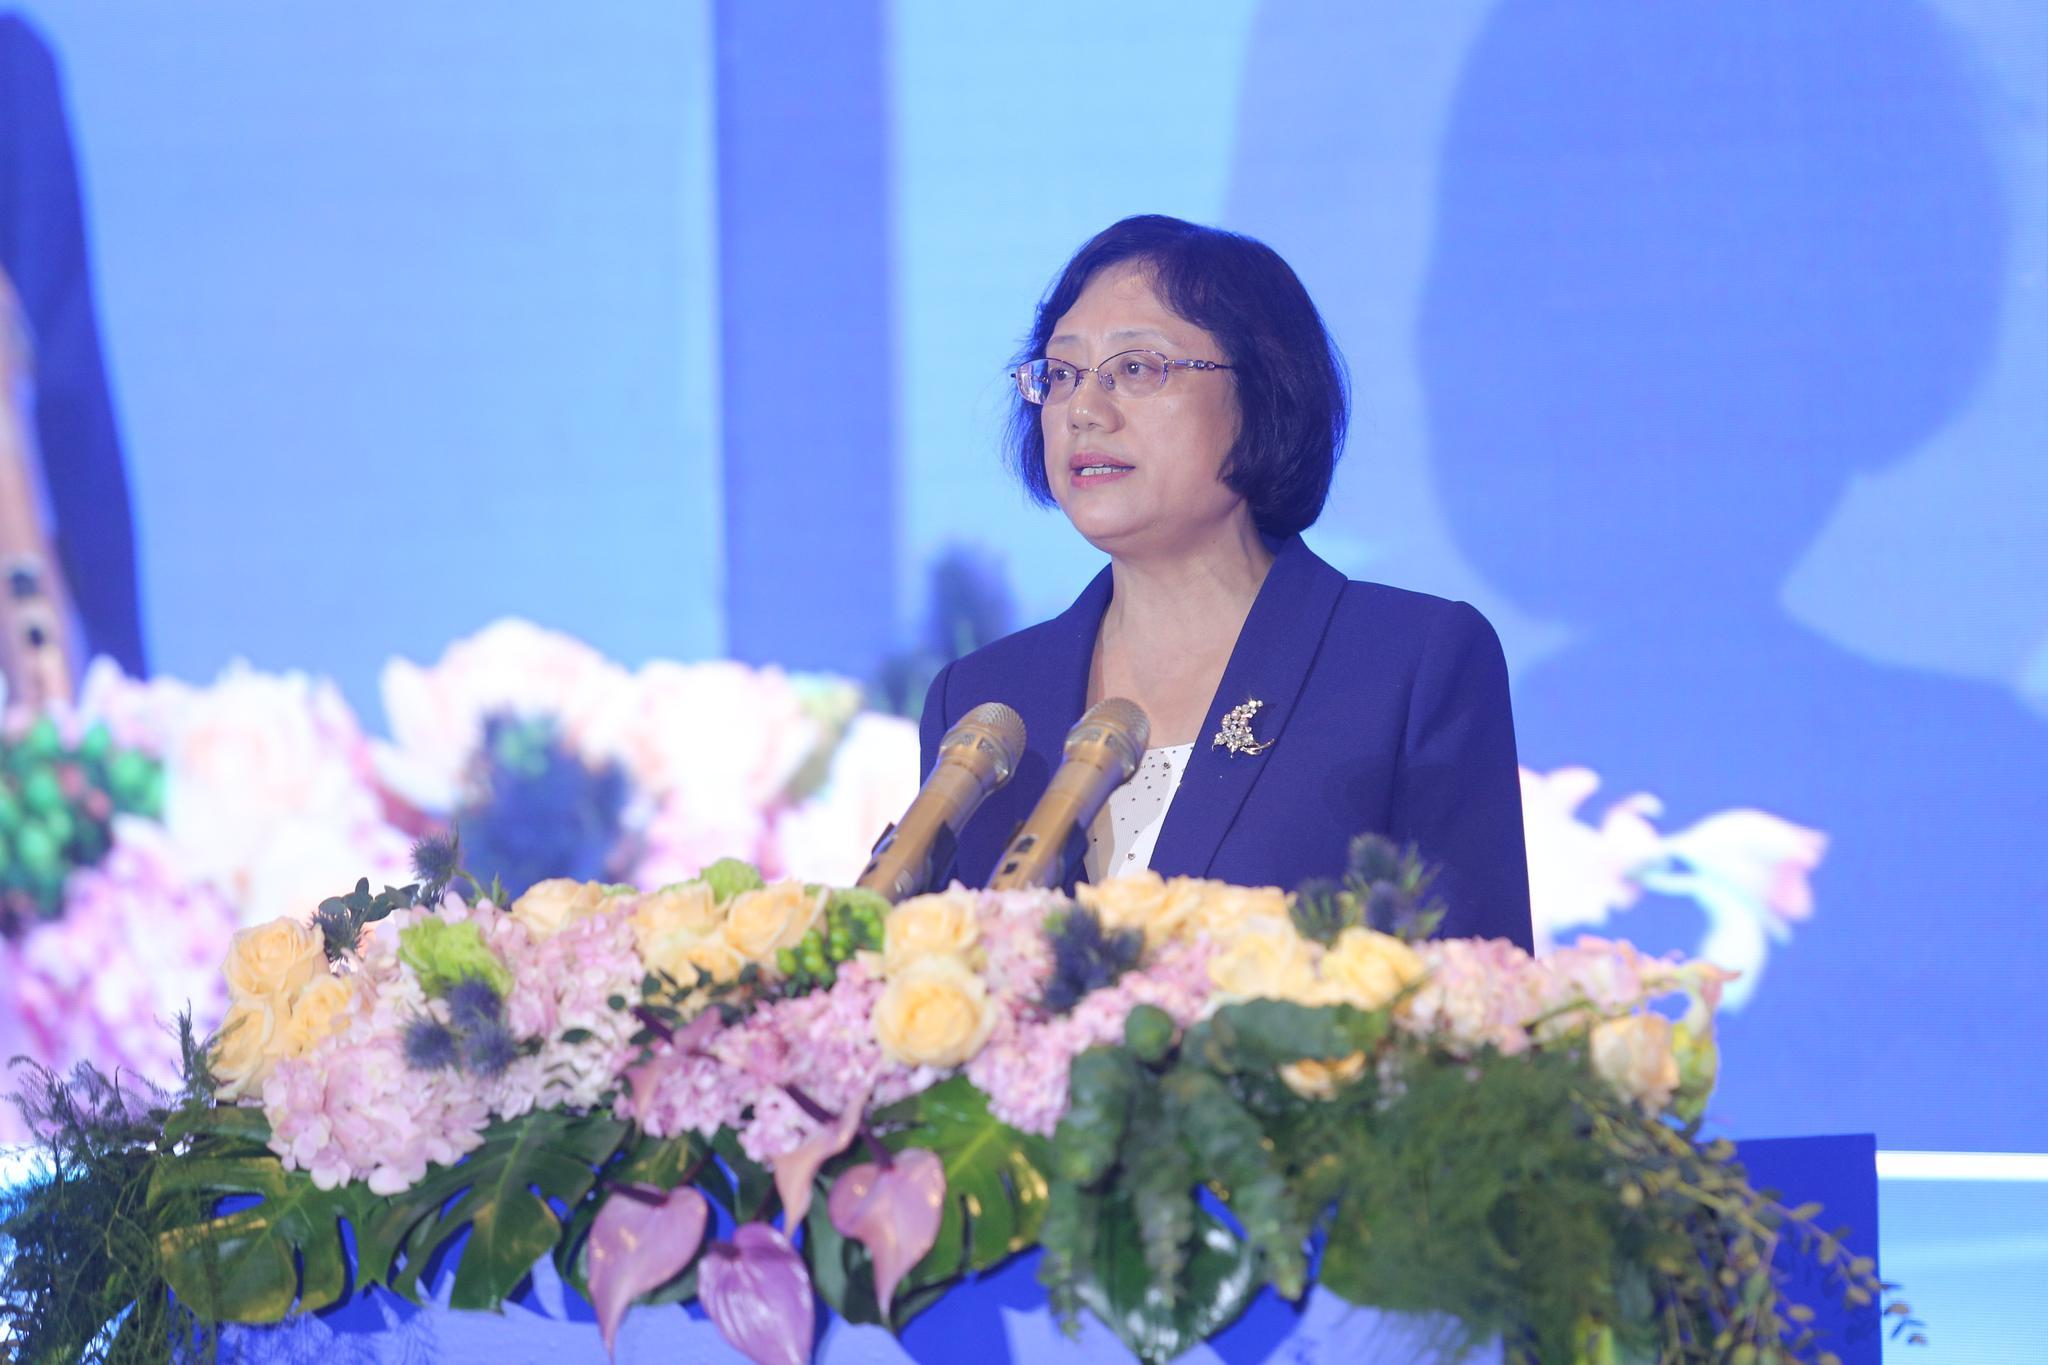 http://www.djpanaaz.com/shehuiwanxiang/328802.html